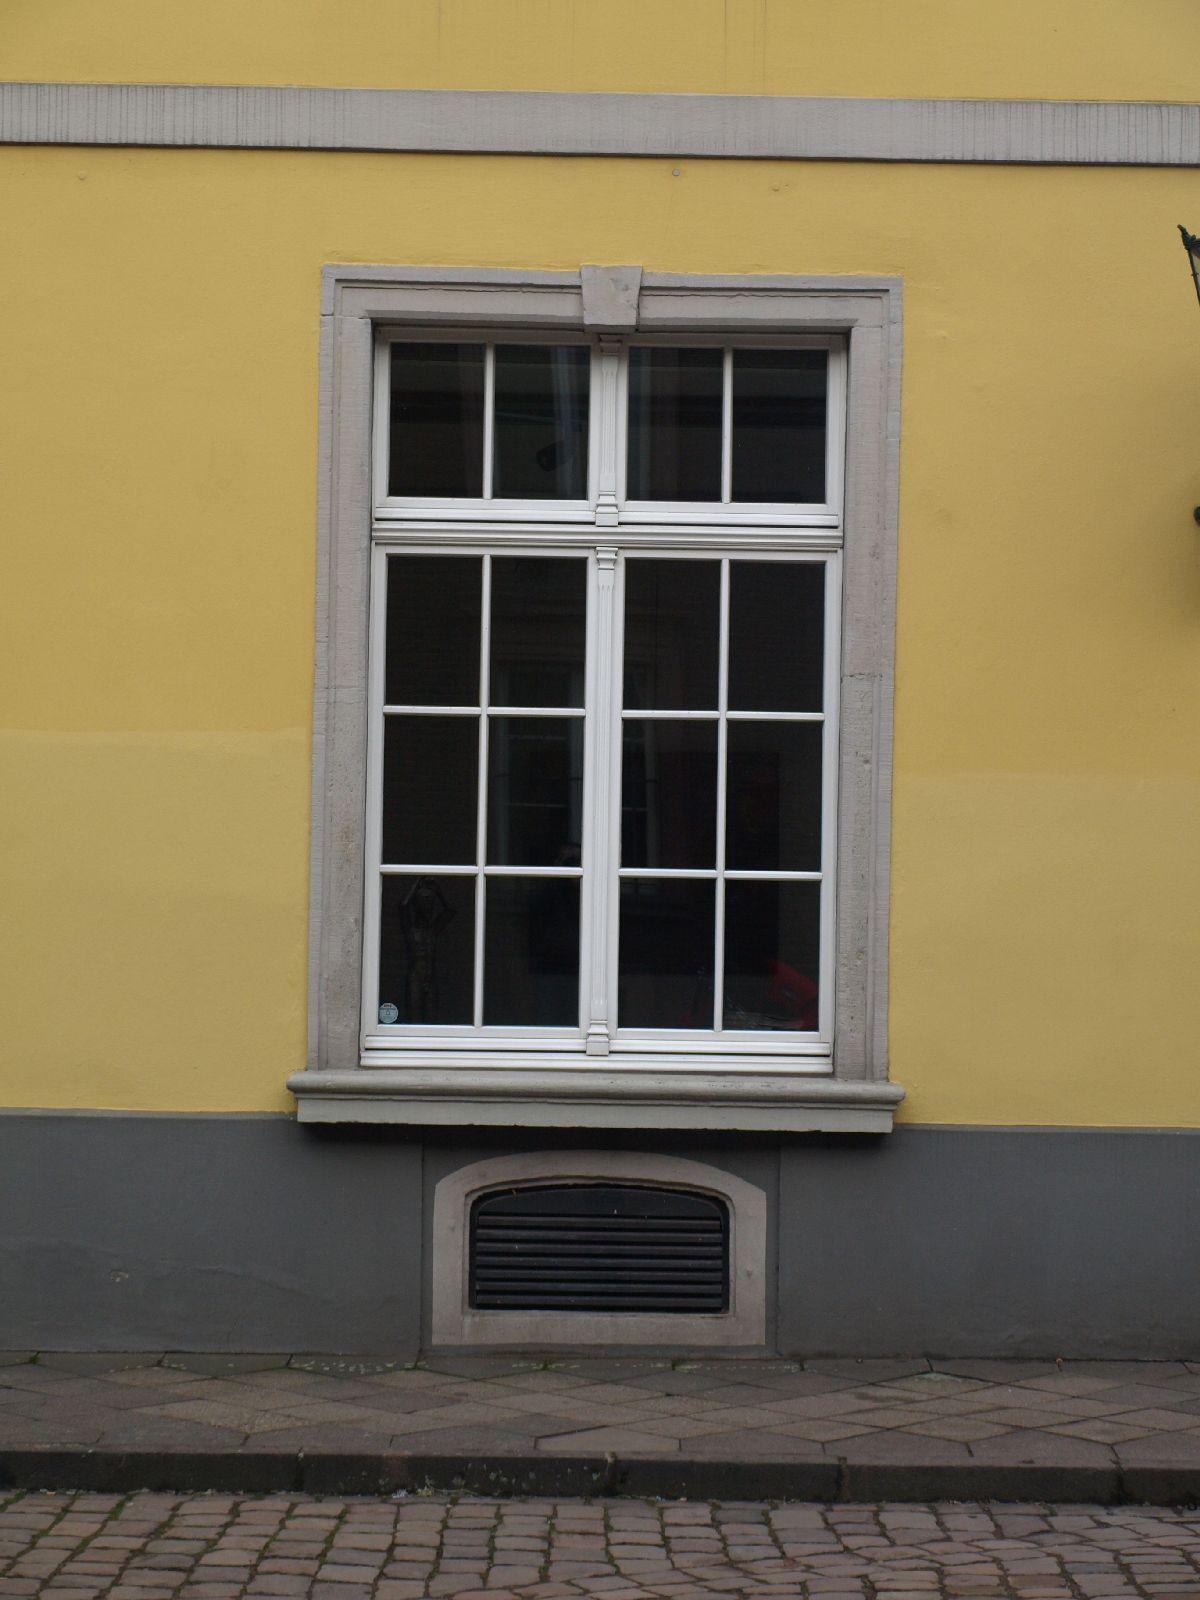 Building_Texture_A_P1179355